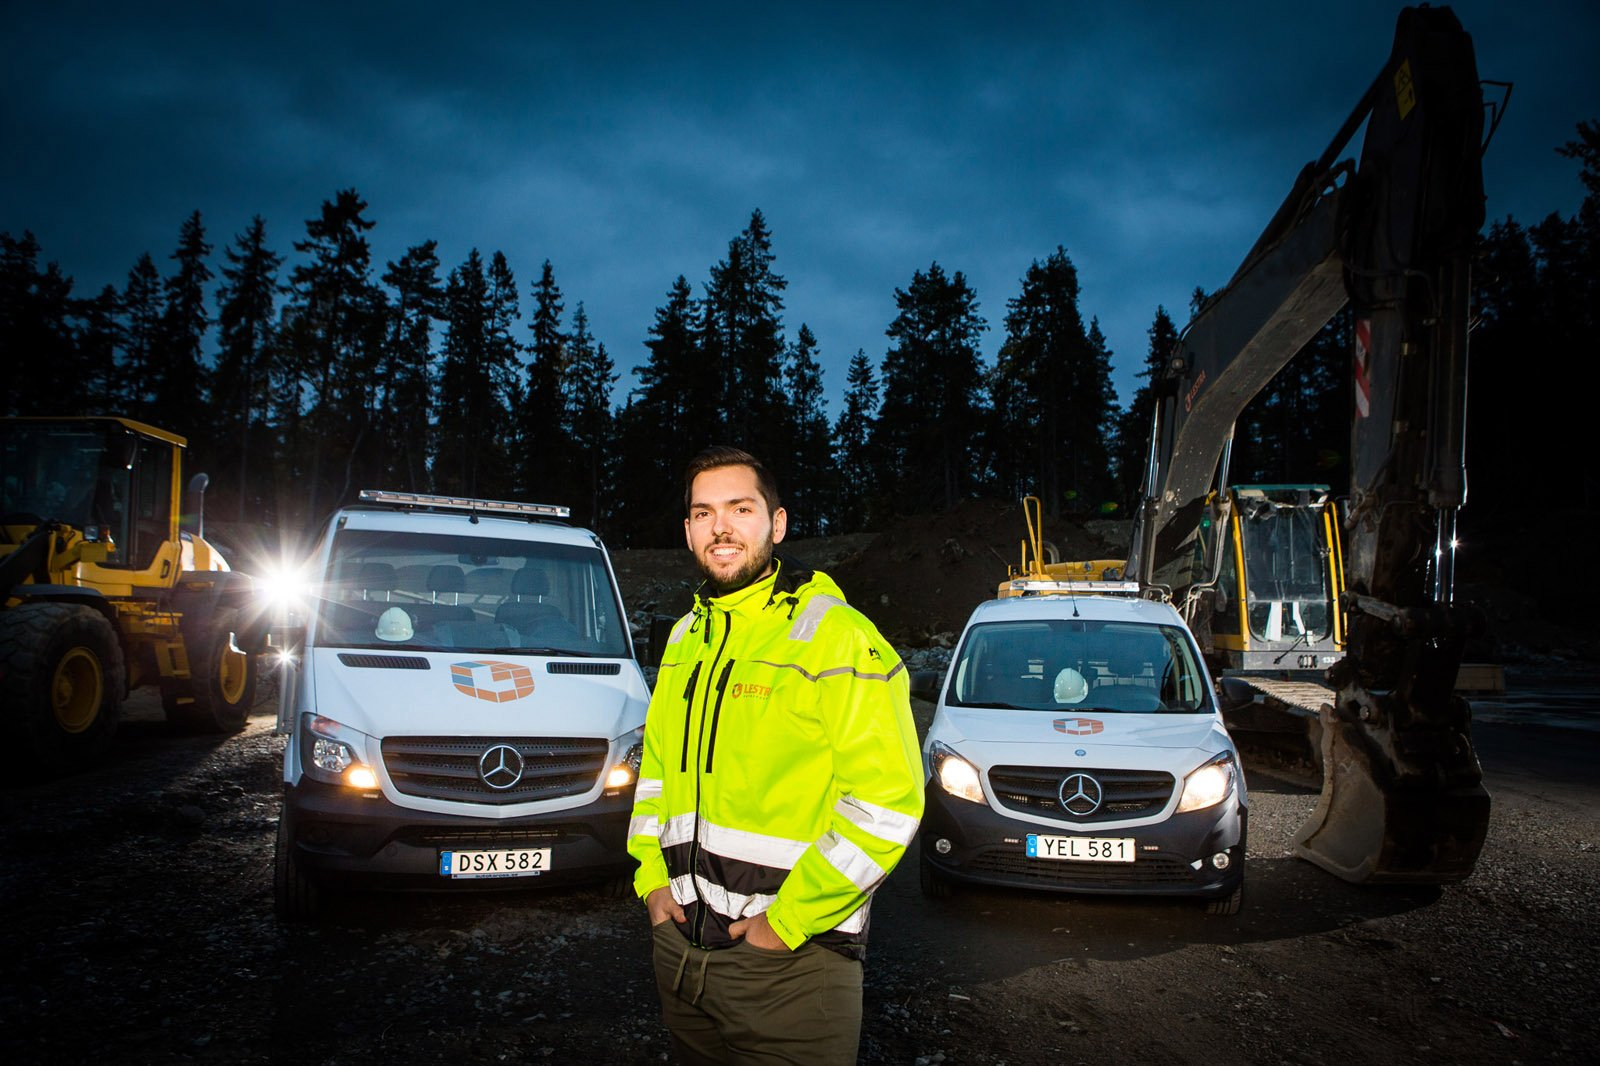 Alexander Djordjevic är fordonsansvarig på Lestra Entreprenad AB. Här syns bilarna ute vid ett anläggningsarbete.